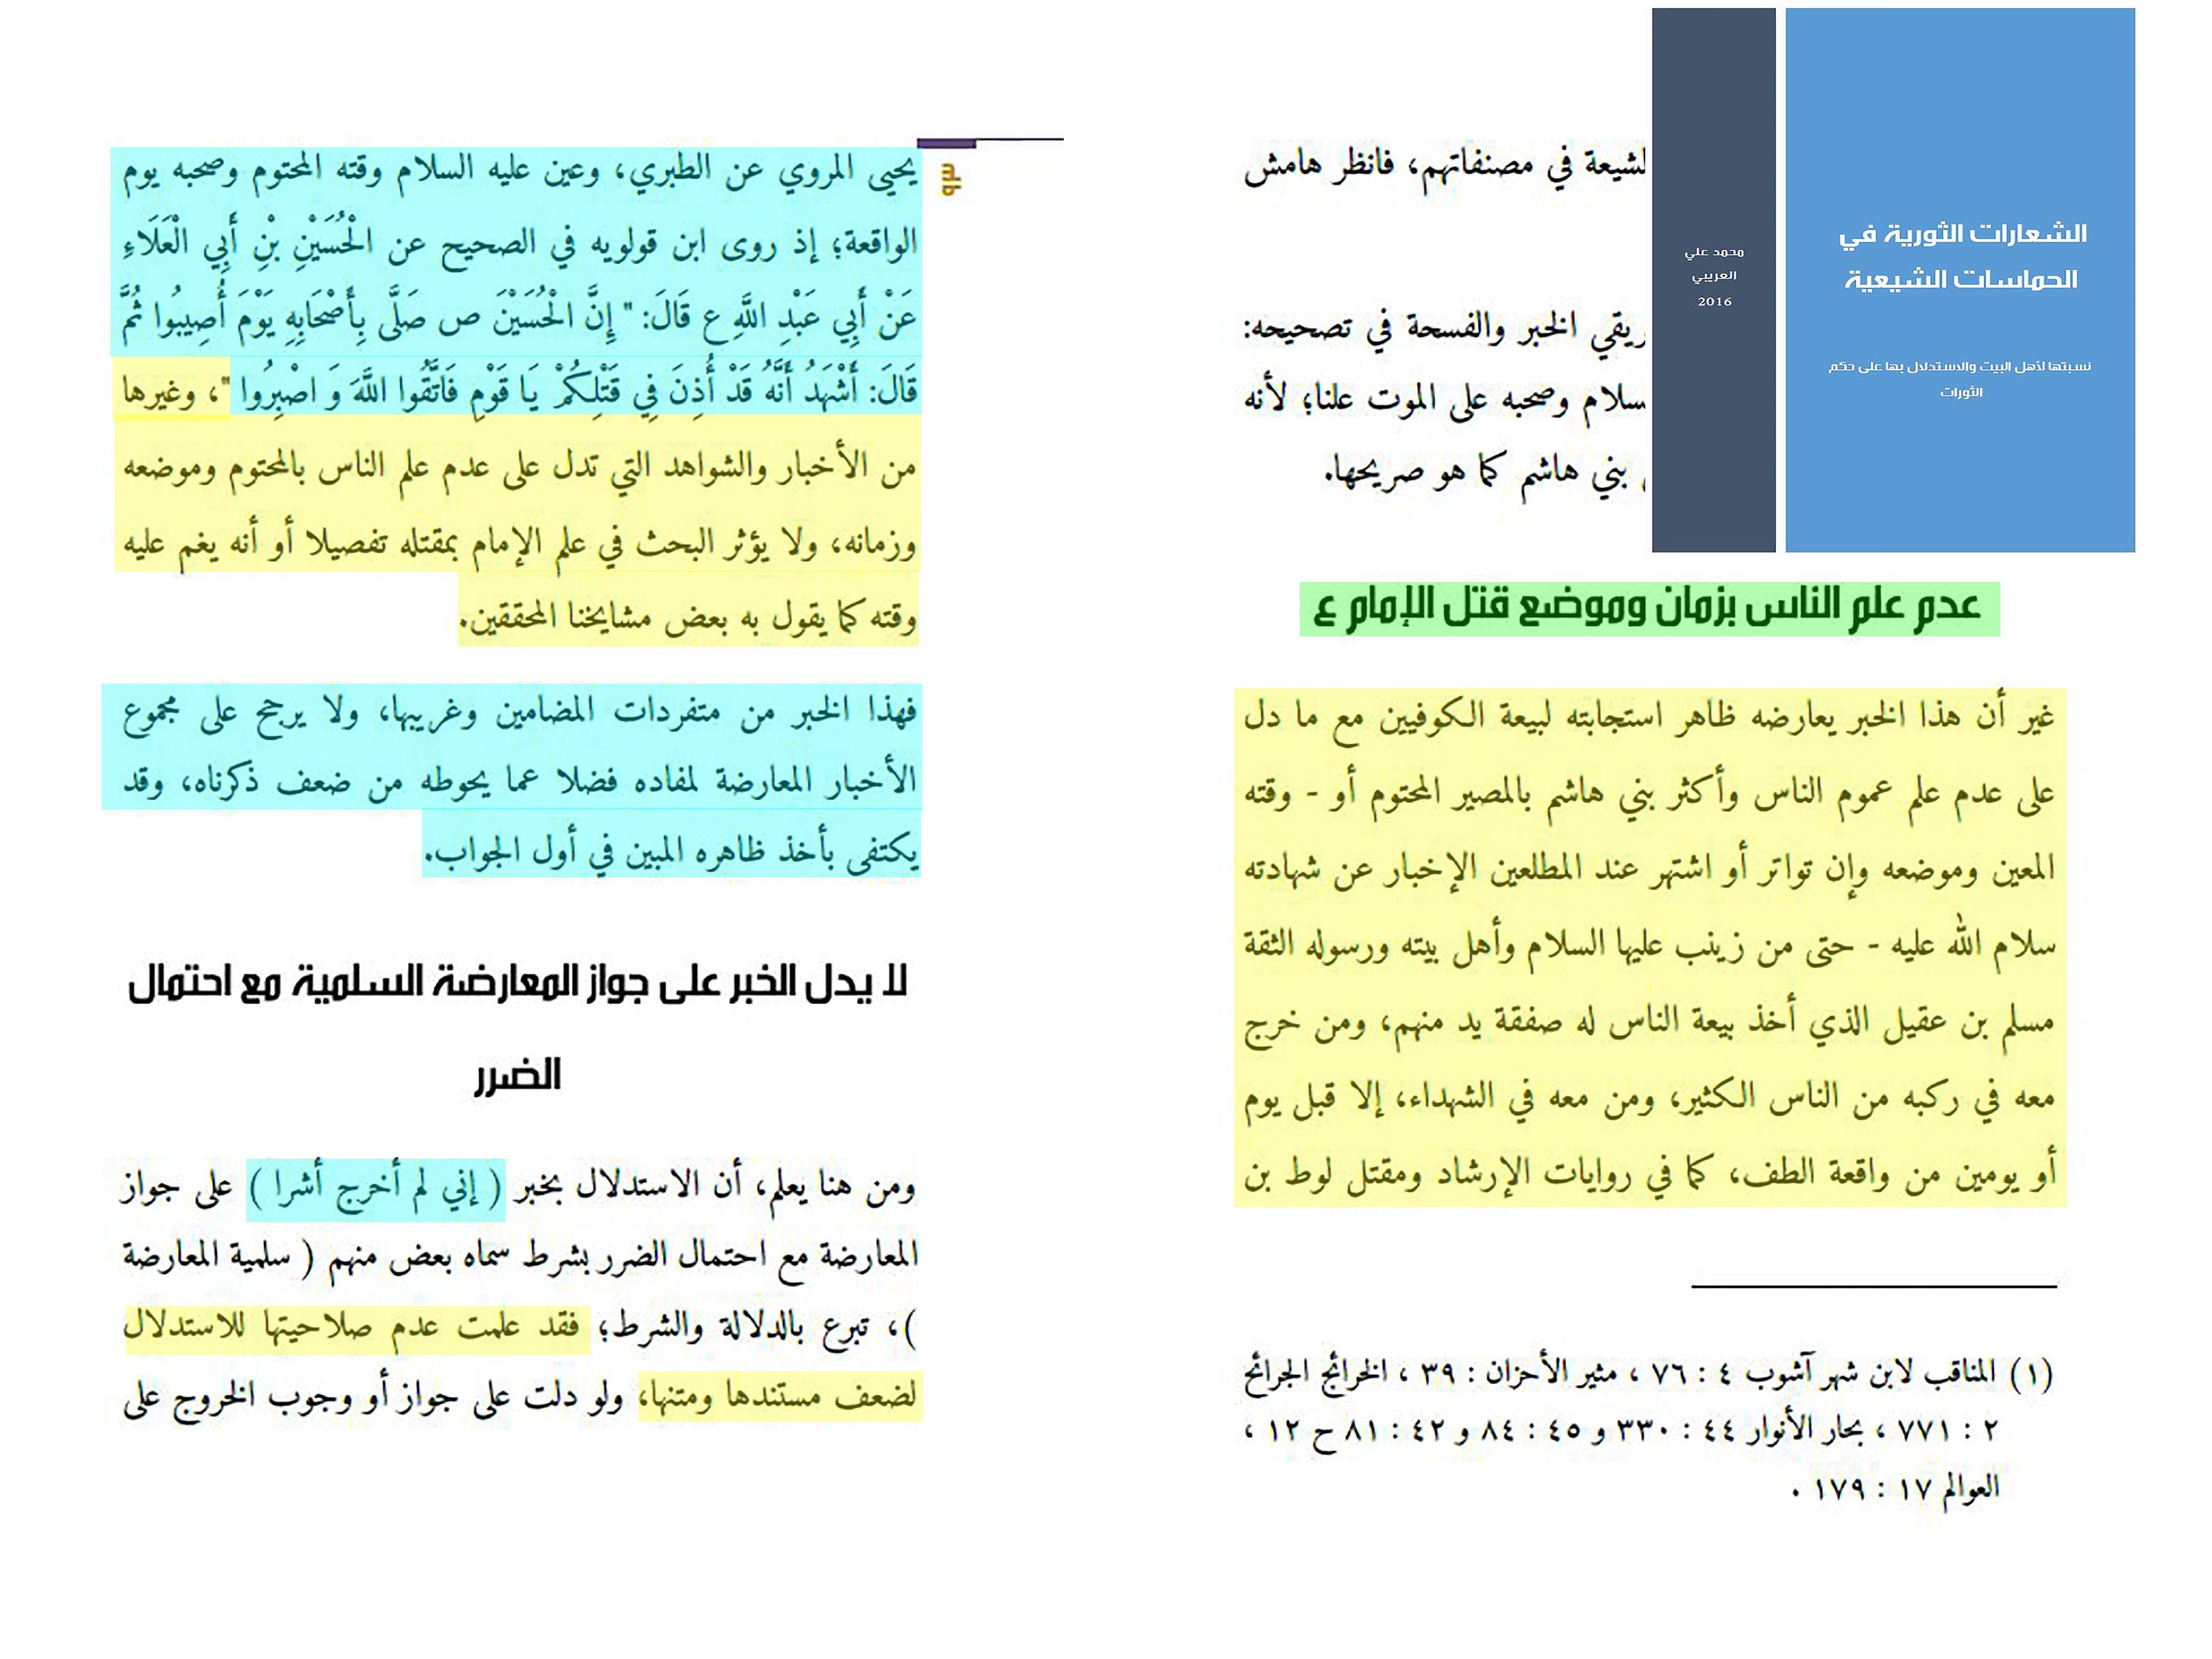 الاســـم:الشعارات الثورية في الحماسات الشيعية ص92 وص93 وثيقة.jpg المشاهدات: 55 الحجـــم:596.9 كيلوبايت